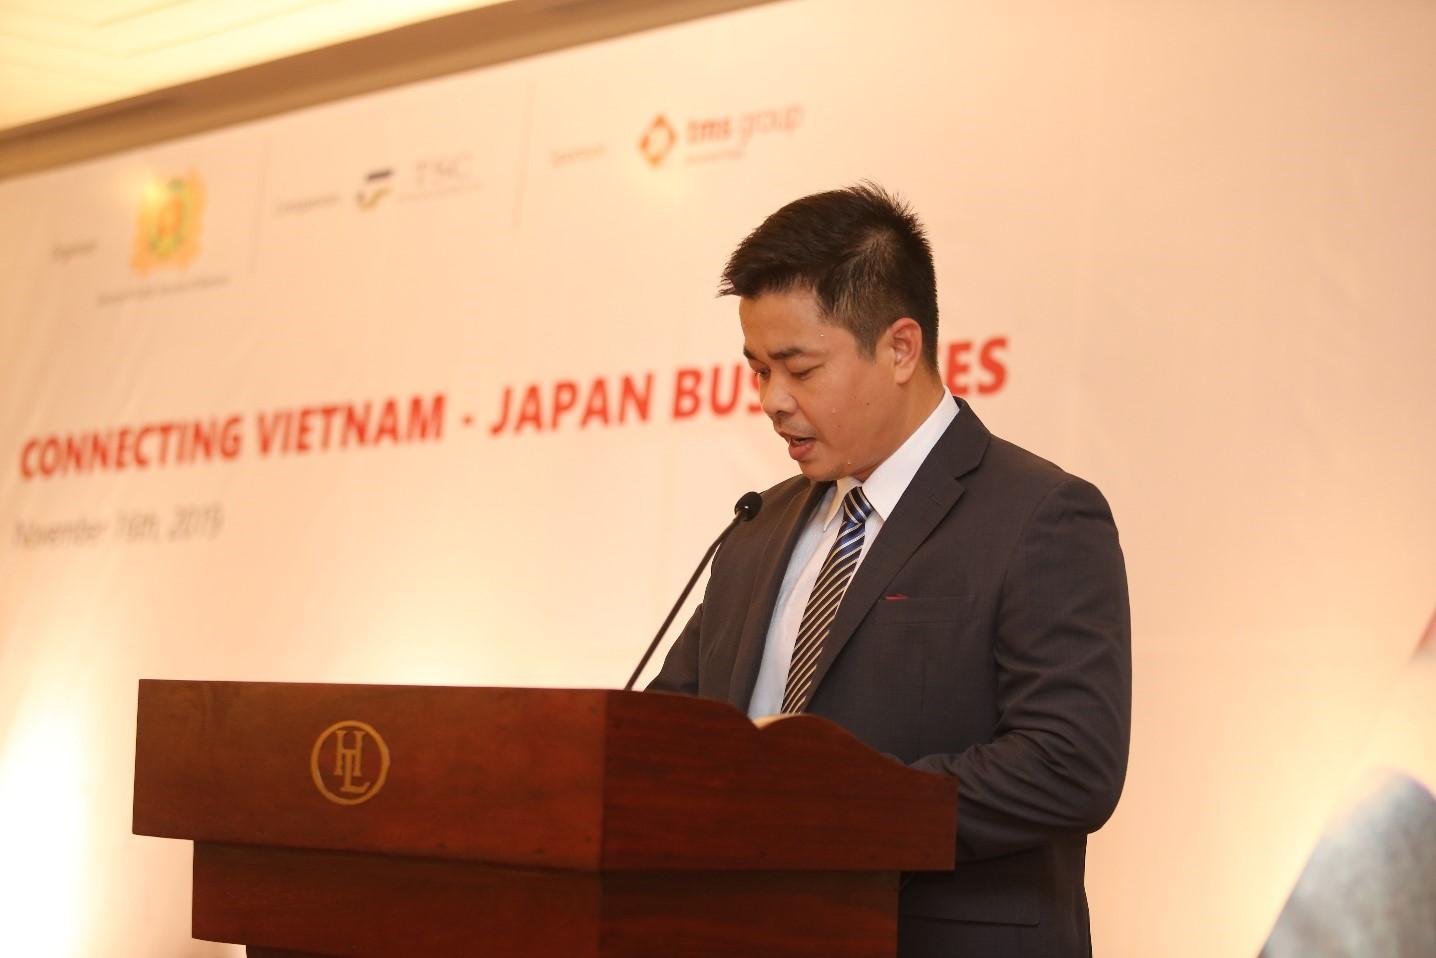 Ông Nguyễn Việt Phương, Tổng giám đốc TMS Group